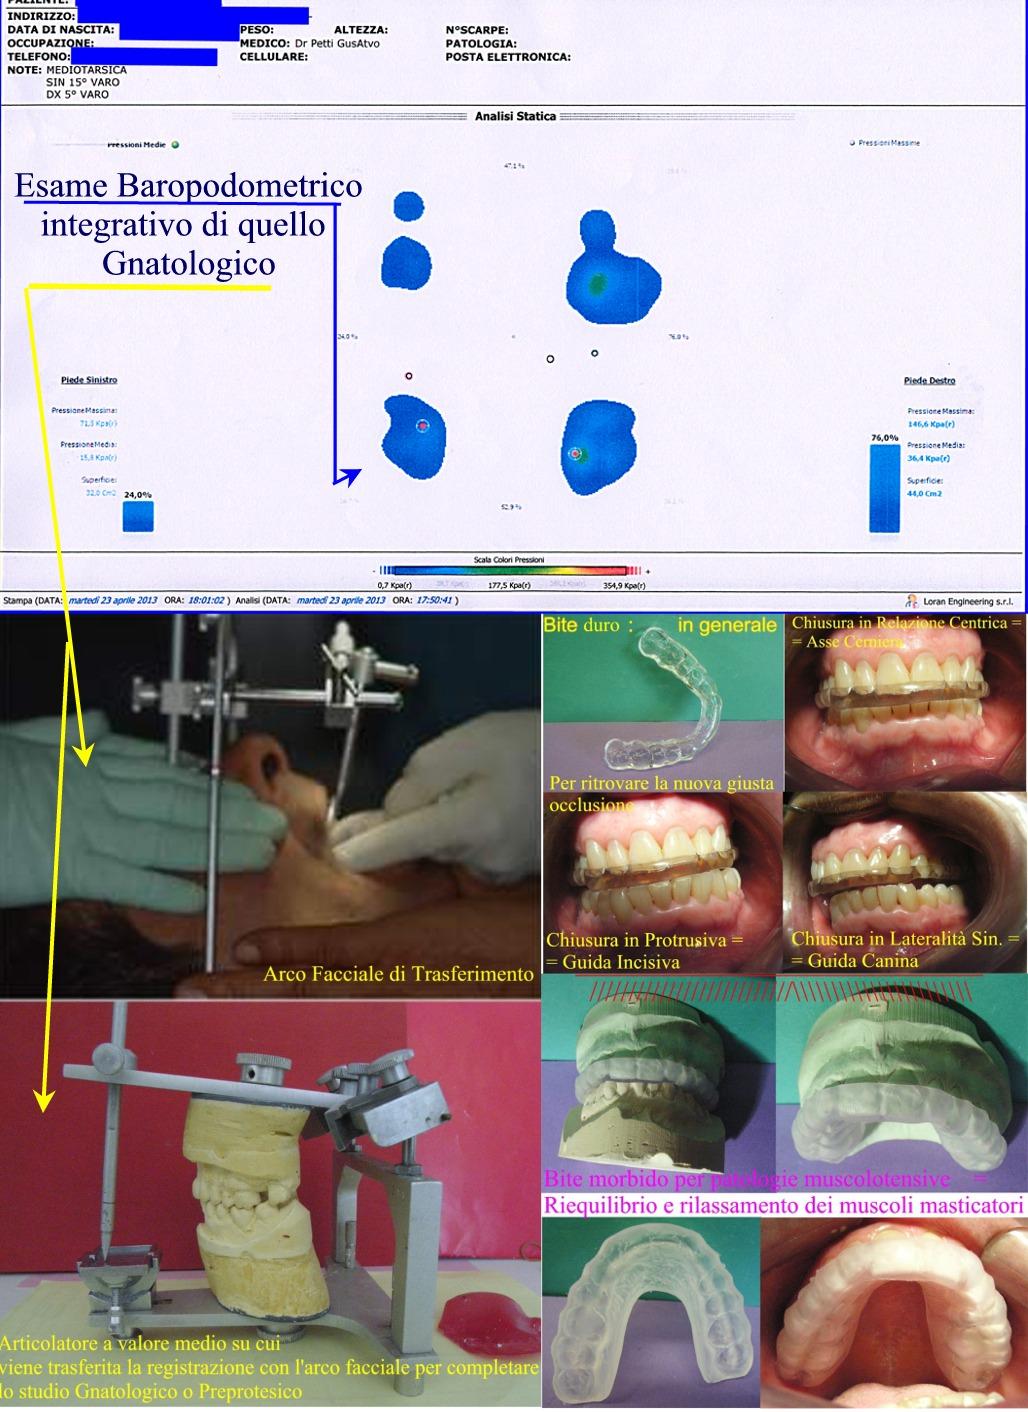 Arco facciale di trasferimento per studiare la posizione spaziale delle arcate dentarie con la base cranica. Valutazione Computerizzata stabilometrica e tanto altro. Da casistica del Dr. Gustavo Petti, Medico Chirurgo Dentista Parodontologo e Gnatologo di Cagliari